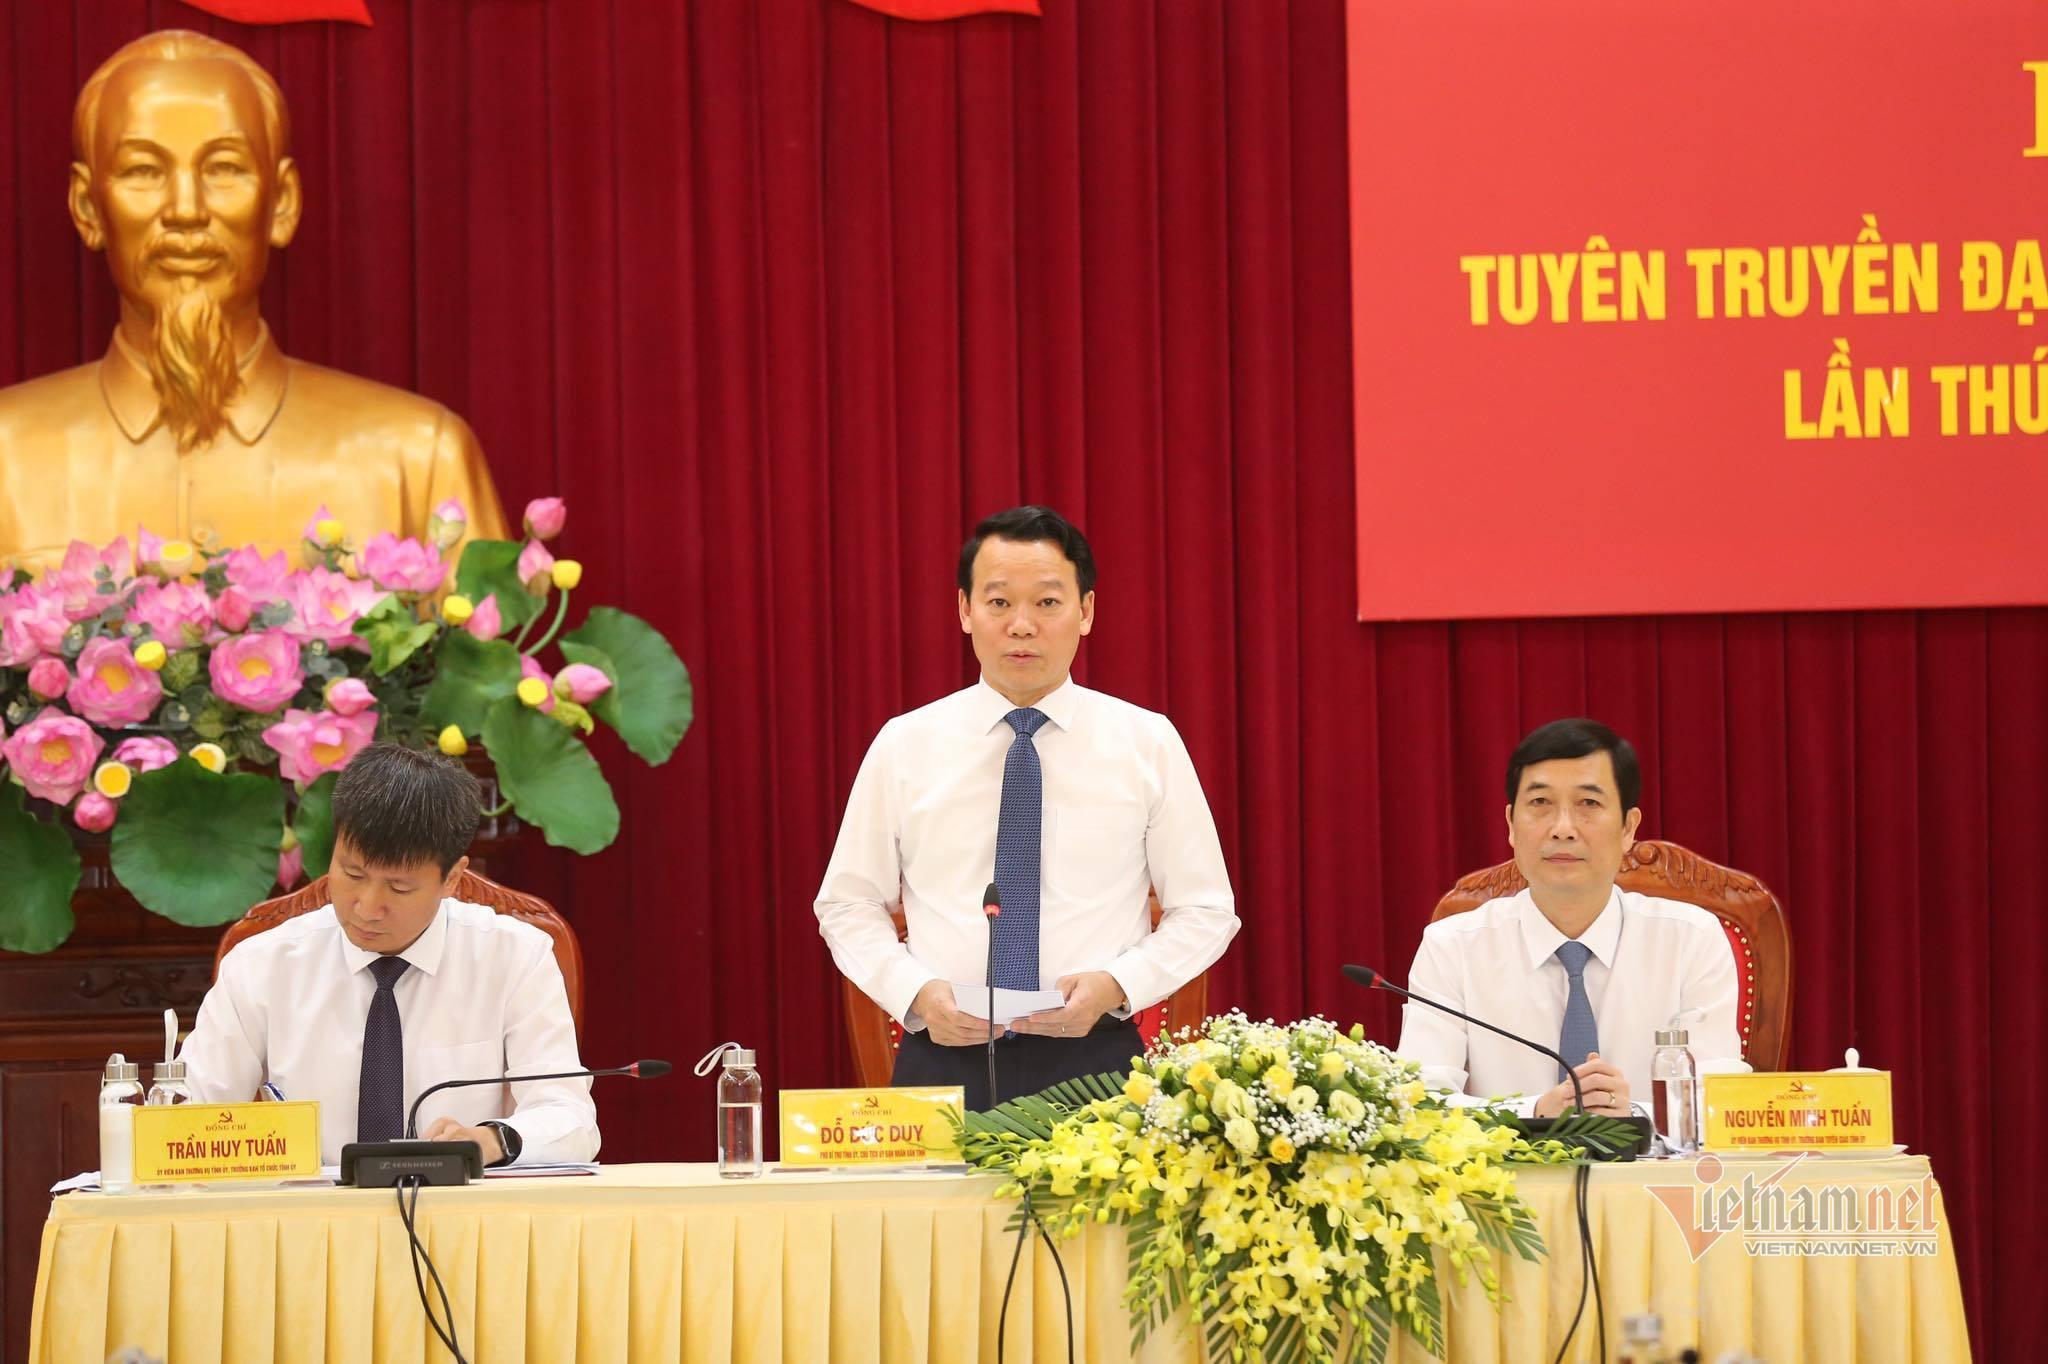 """Bộ Chính trị ủng hộ Yên Bái đưa """"chỉ số hạnh phúc"""" vào Đại hội Đảng"""